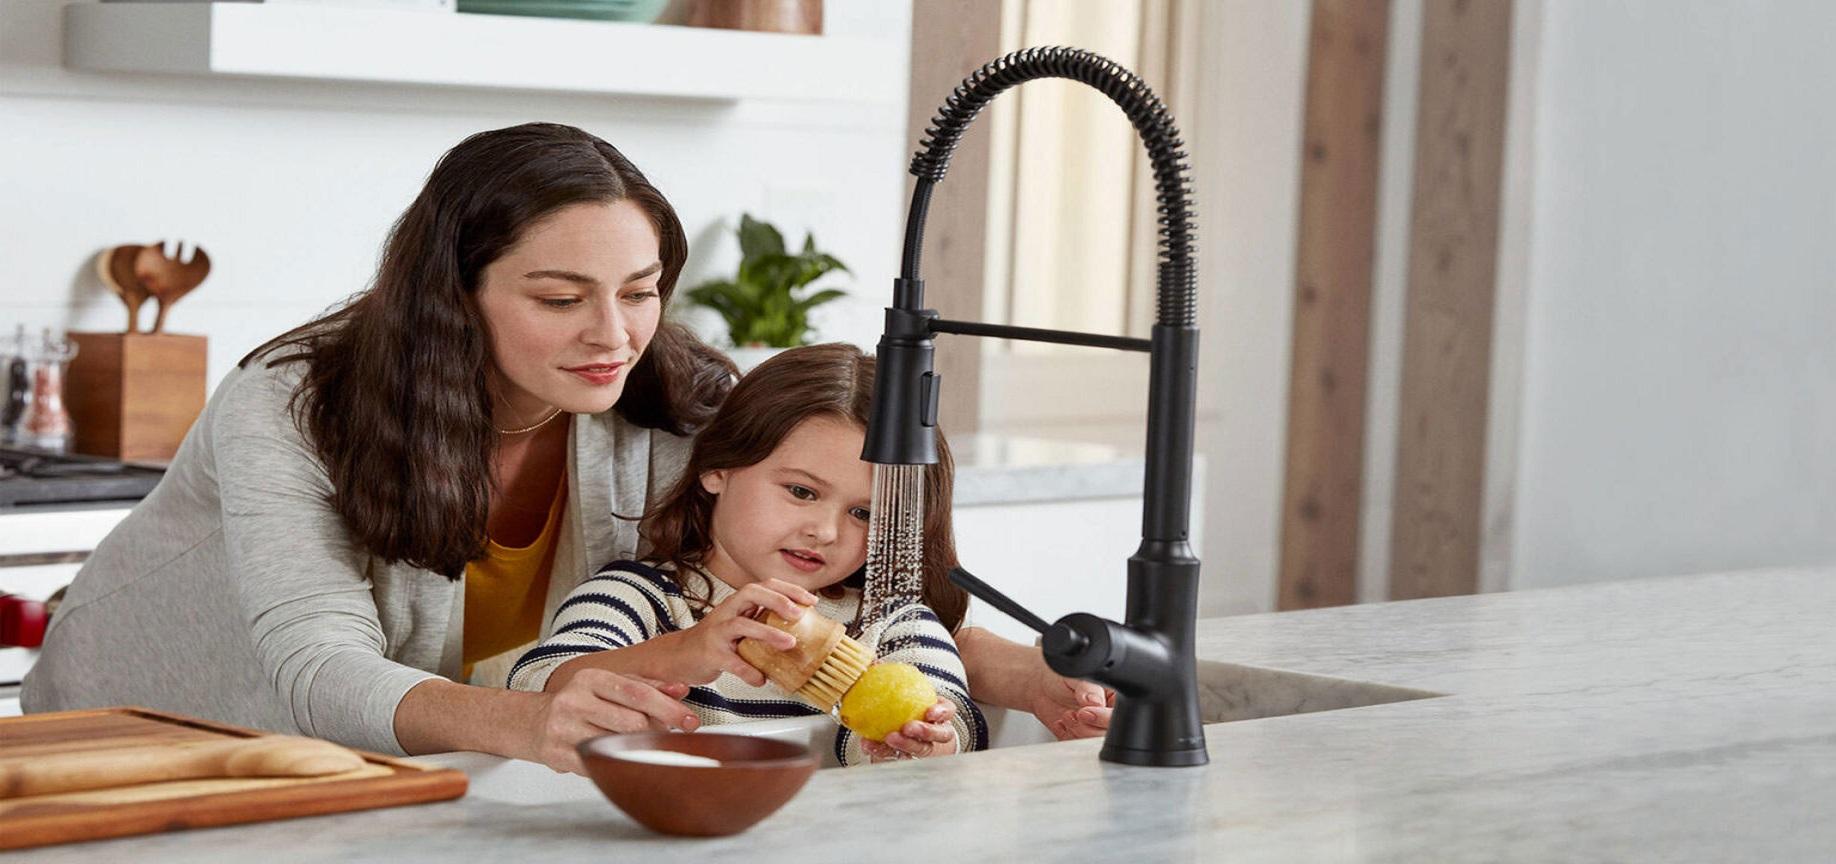 Kitchen Faucet blog